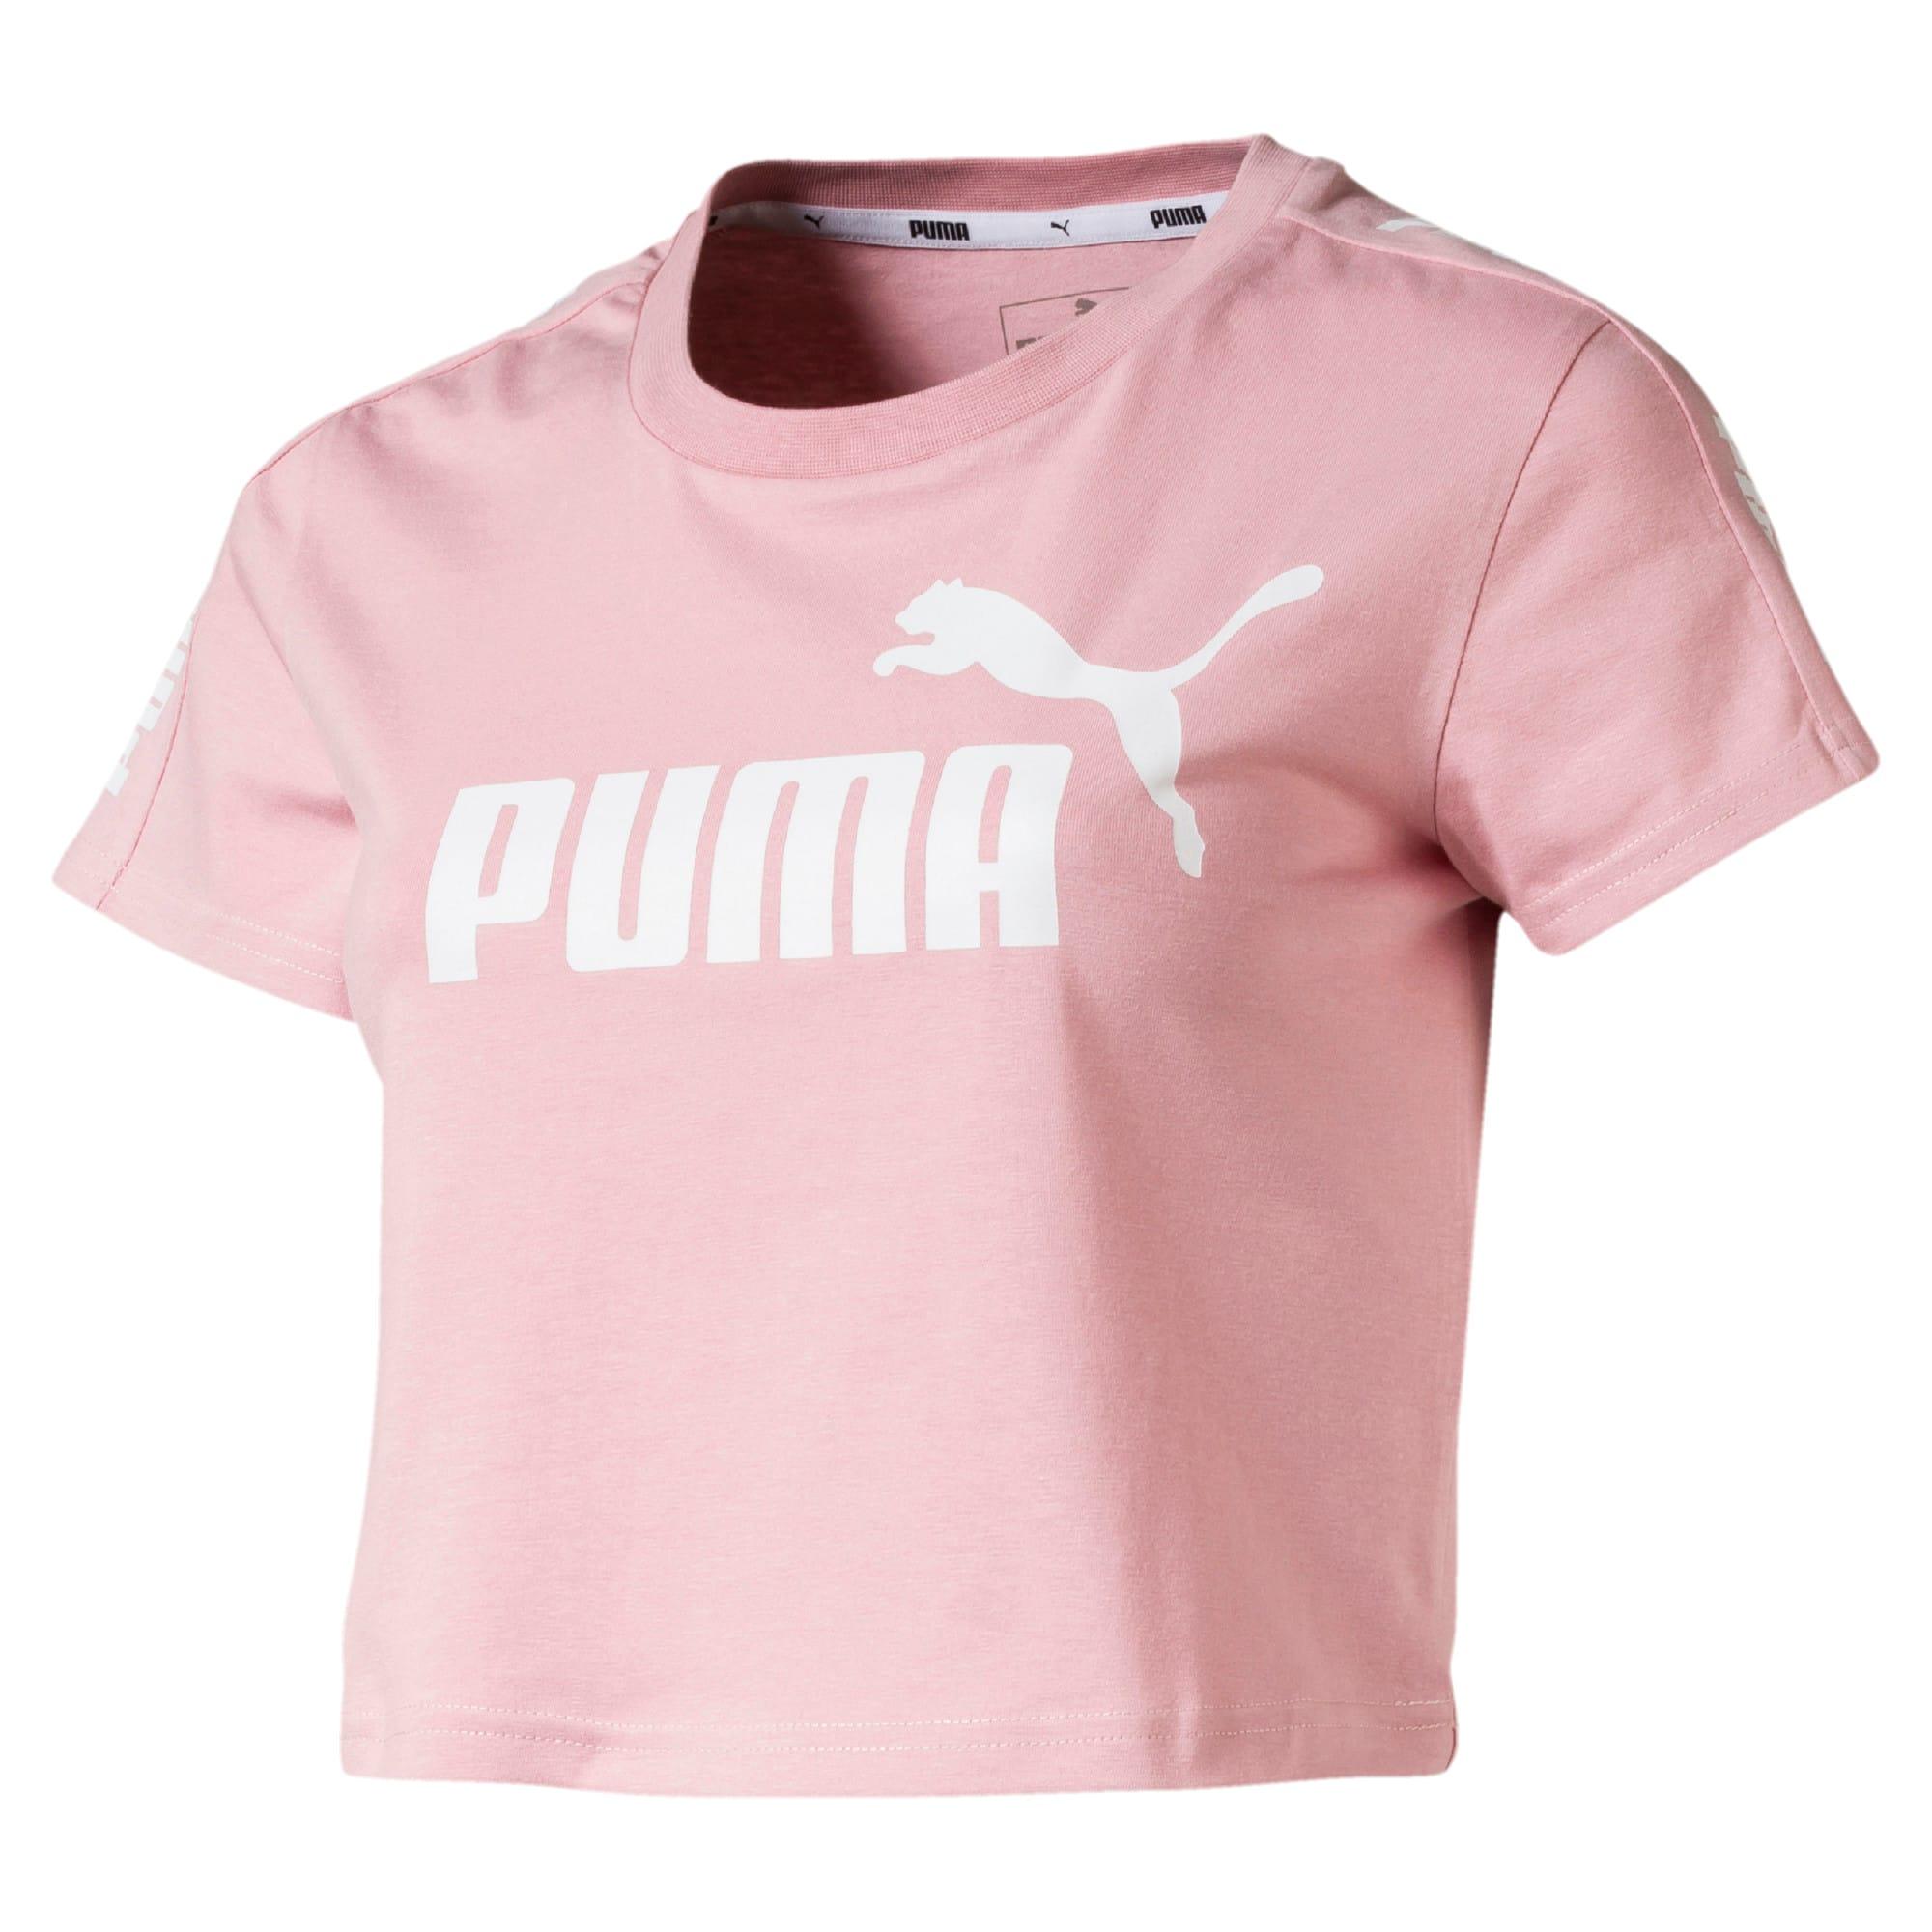 Miniatura 4 de Camiseta ajustada con logo Amplified para mujer, Bridal Rose, mediano